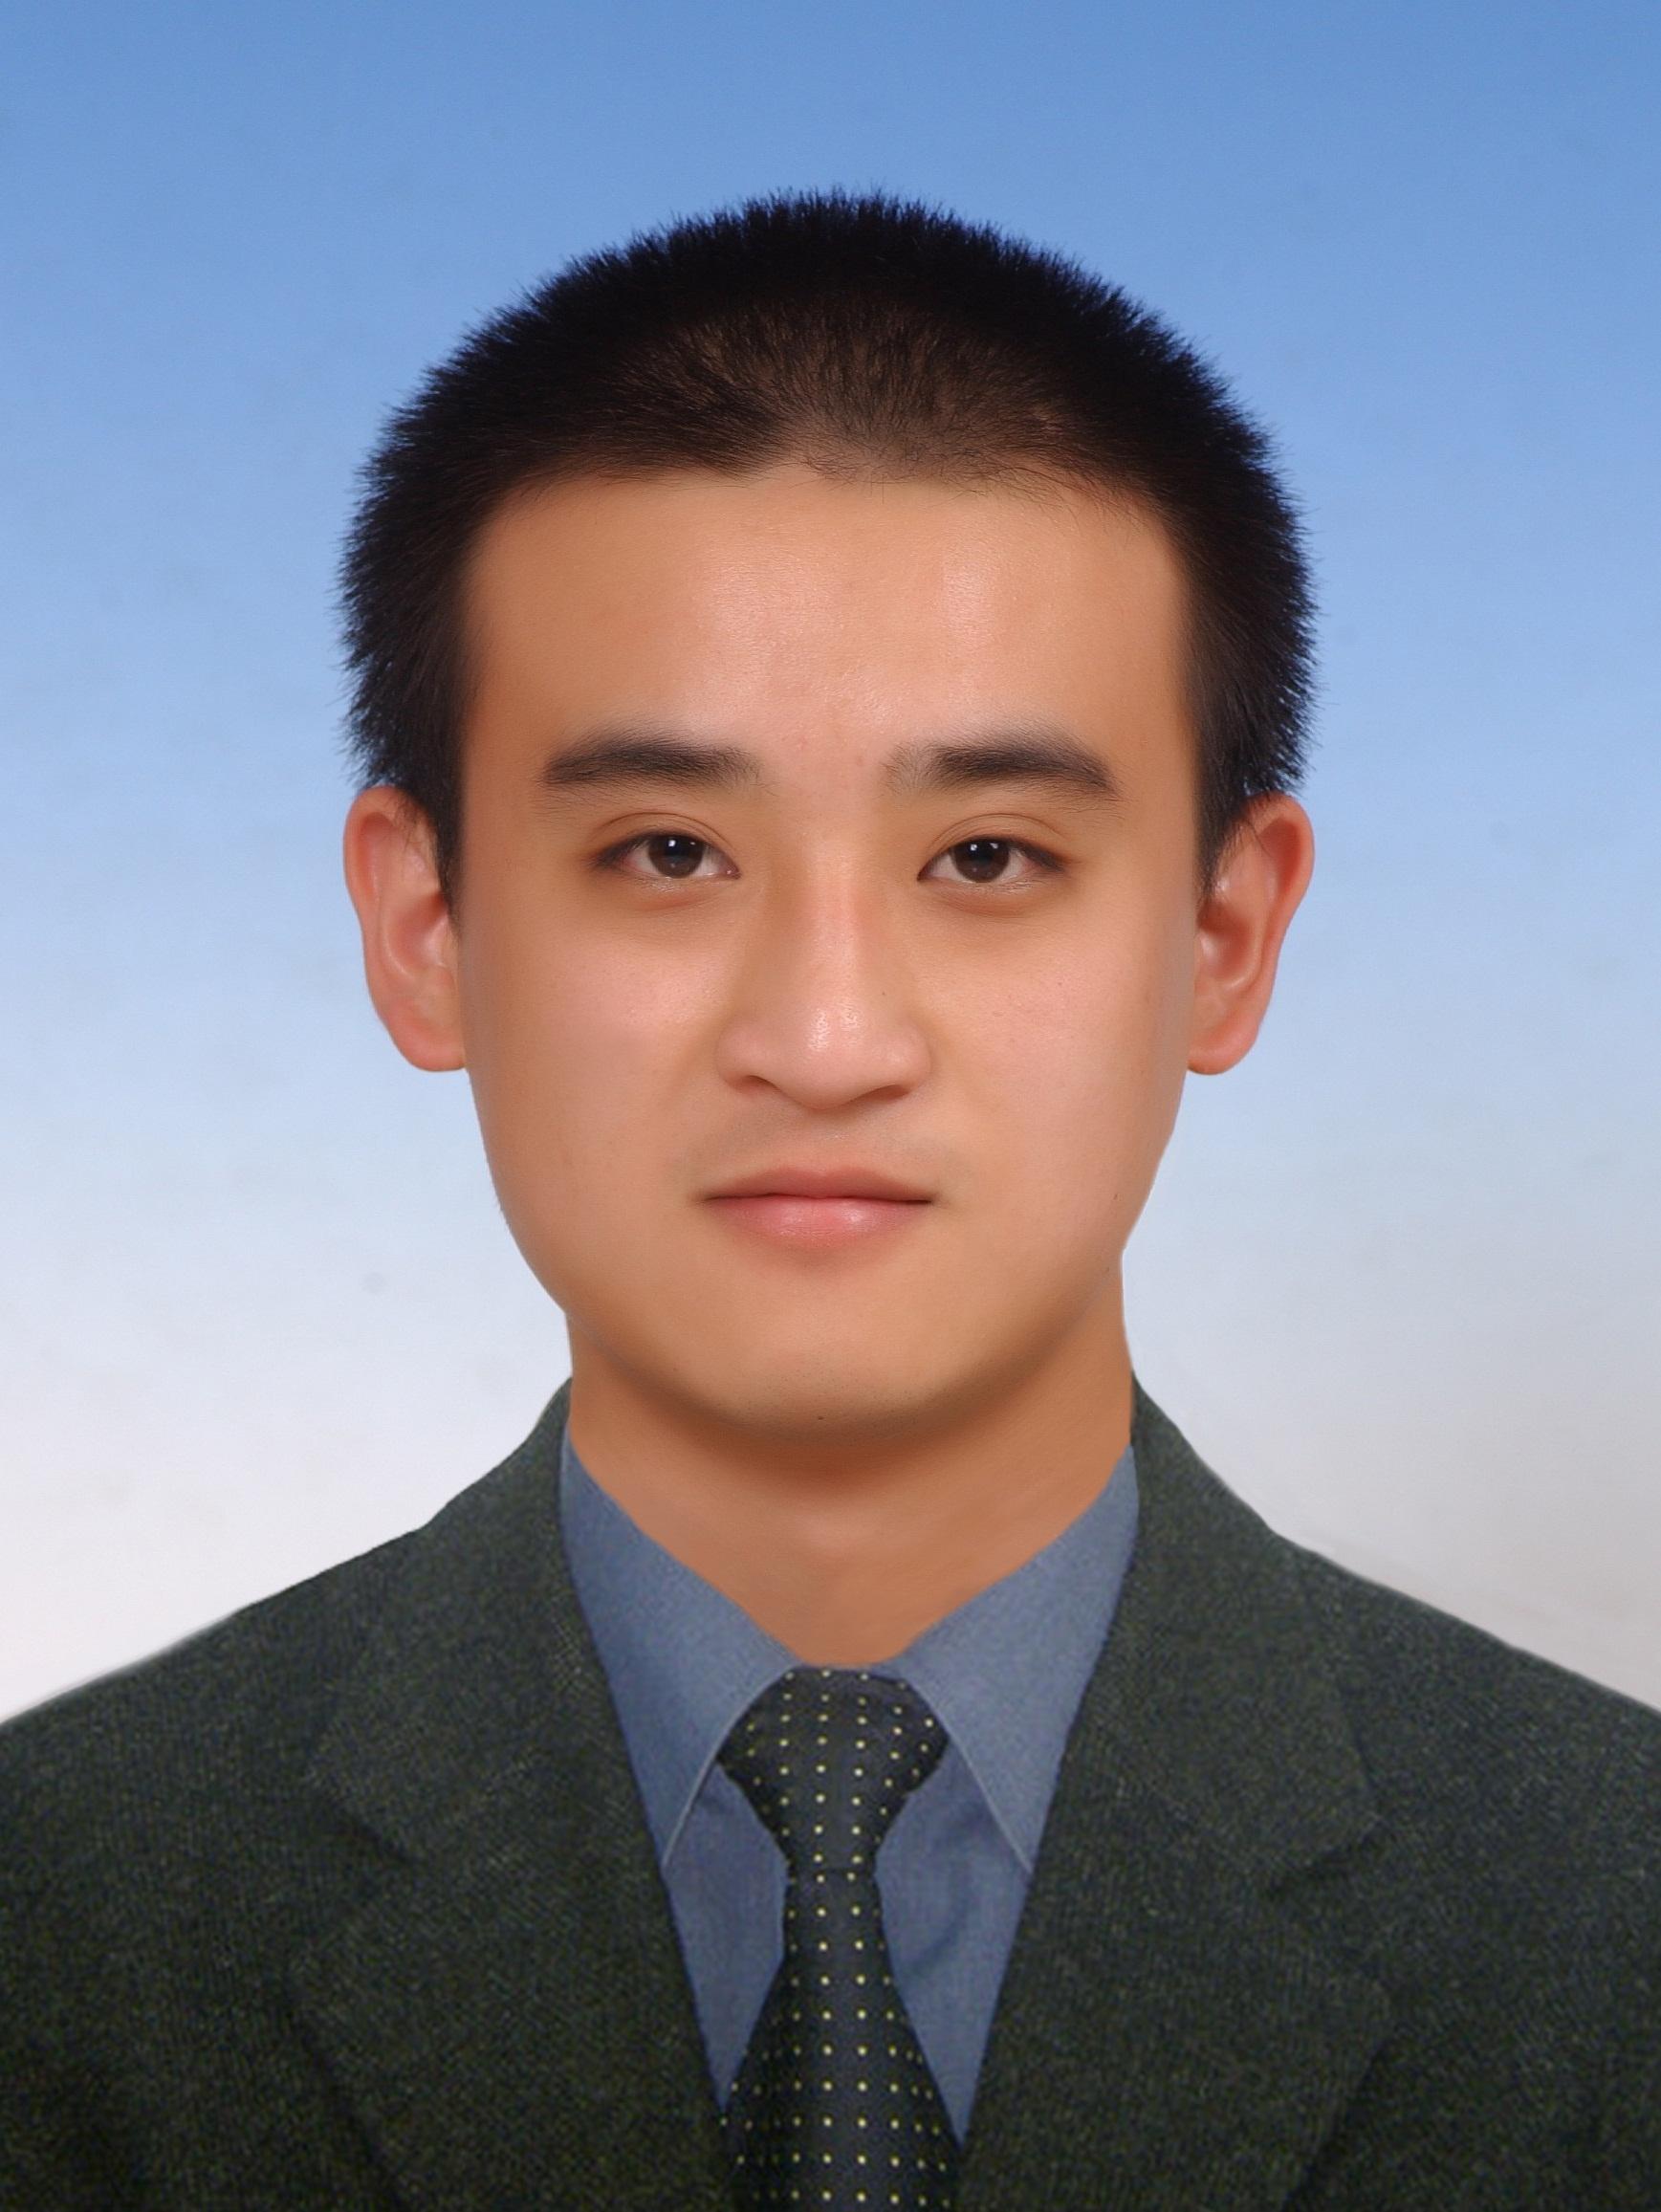 Fei Kang